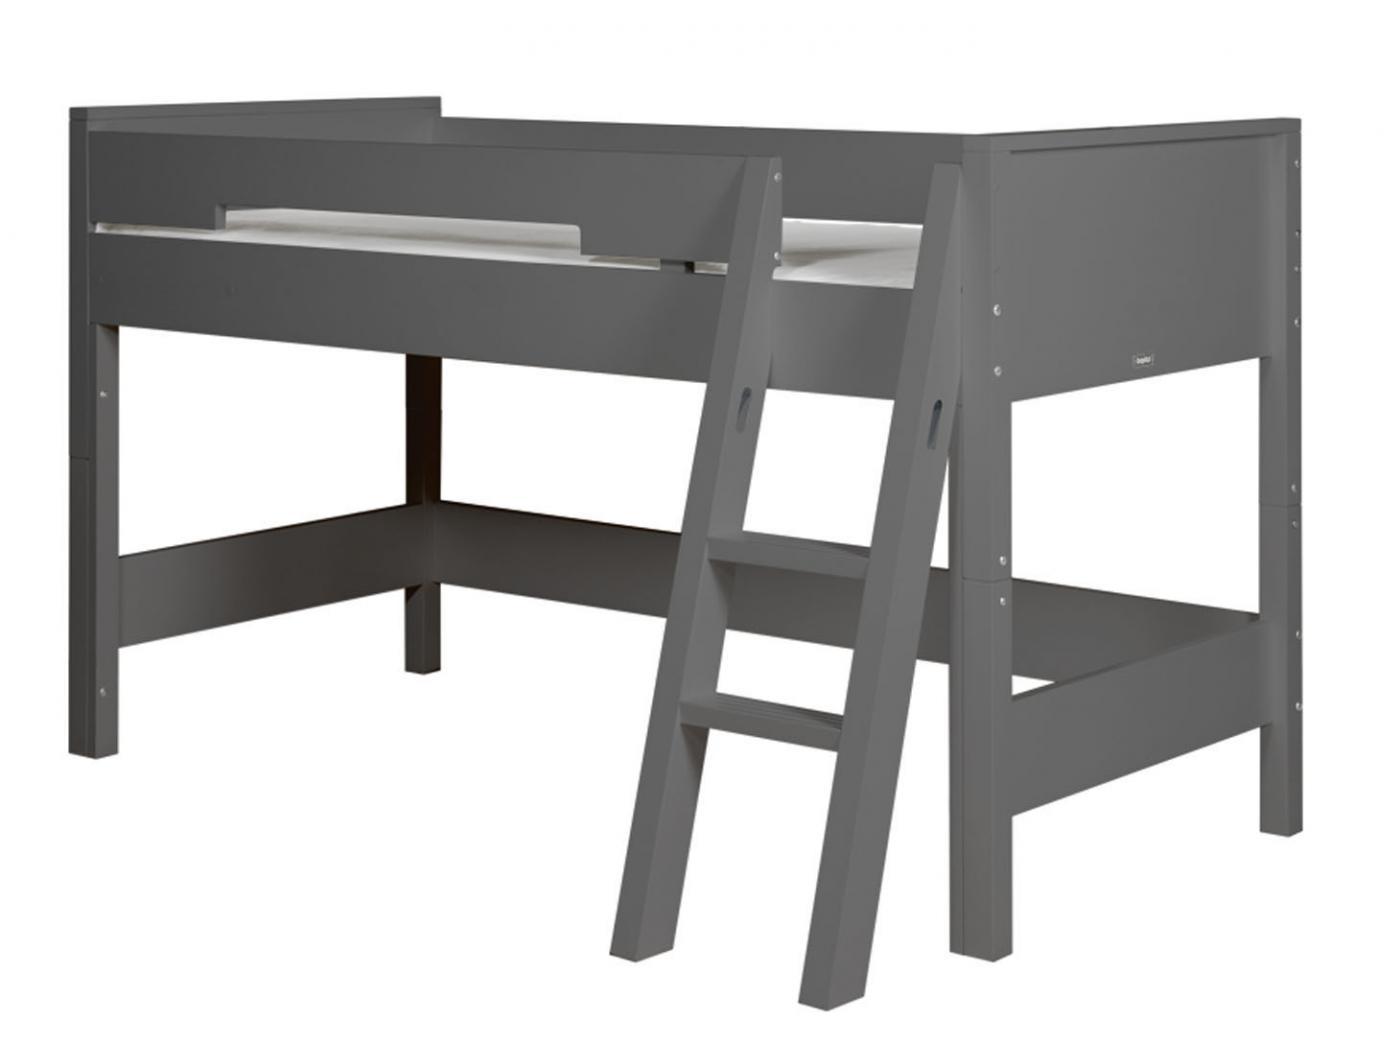 lit mezzanine mi hauteur 128 cm combiflex gris profond chelle inclin e. Black Bedroom Furniture Sets. Home Design Ideas